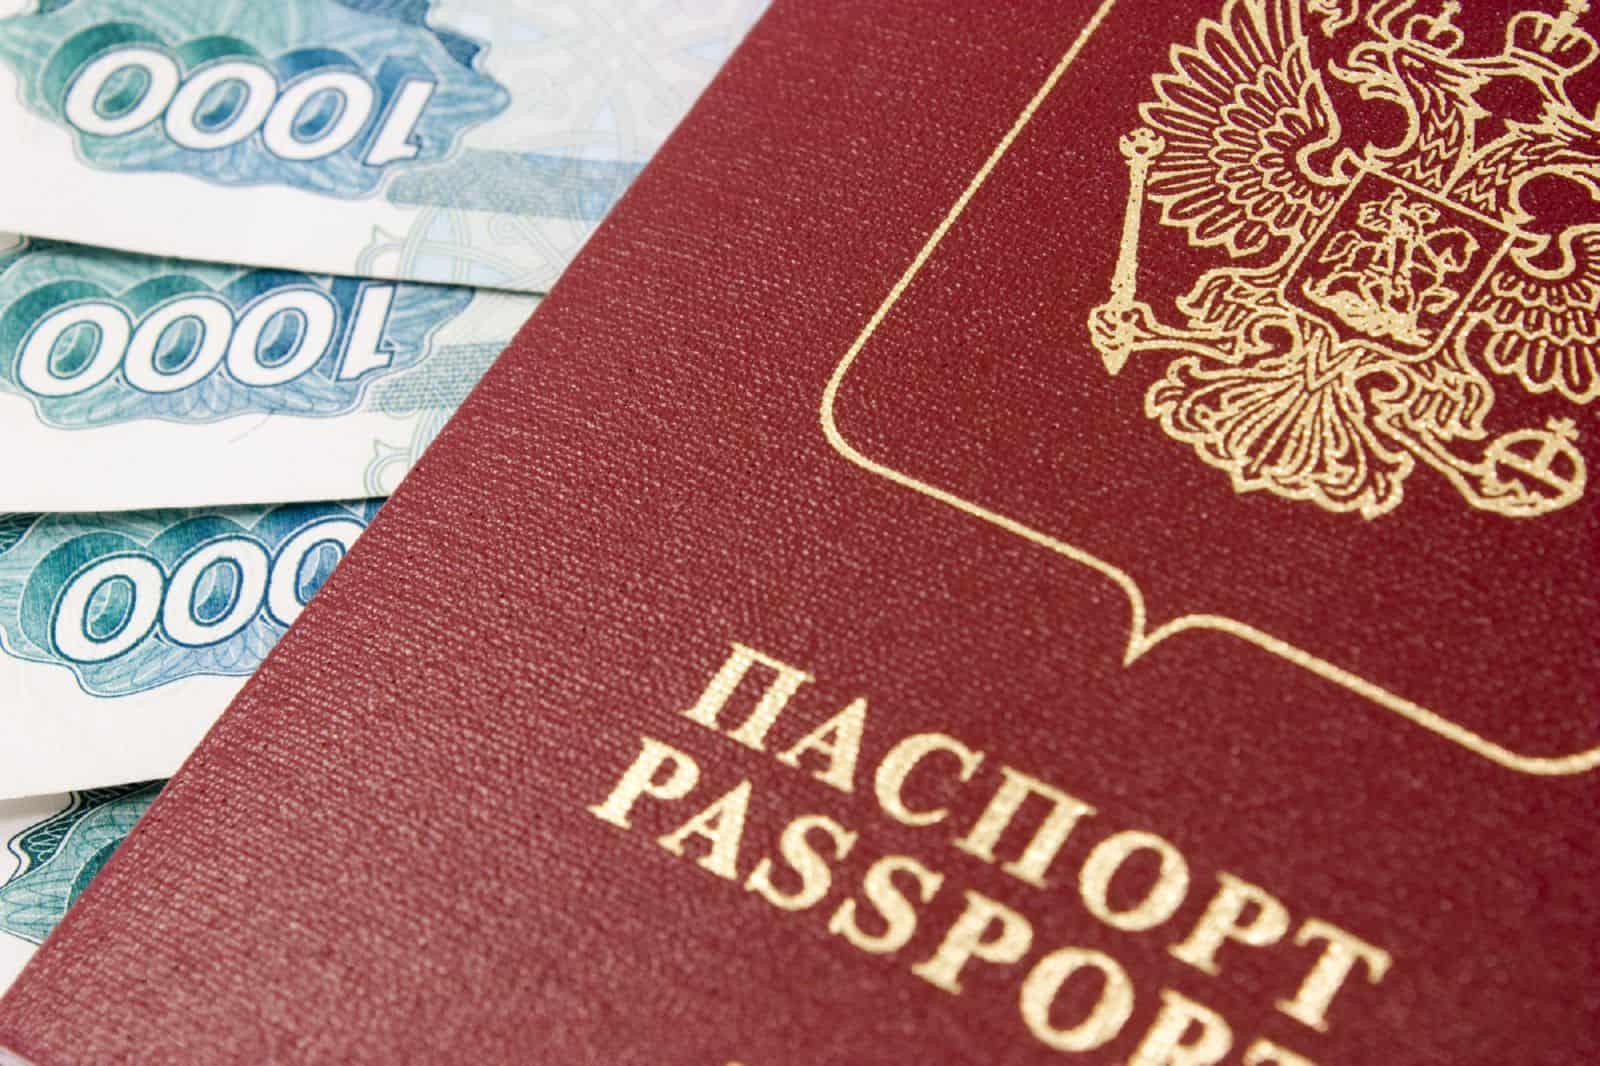 Процедура временной регистрации краснодар временная регистрация для граждан снг i